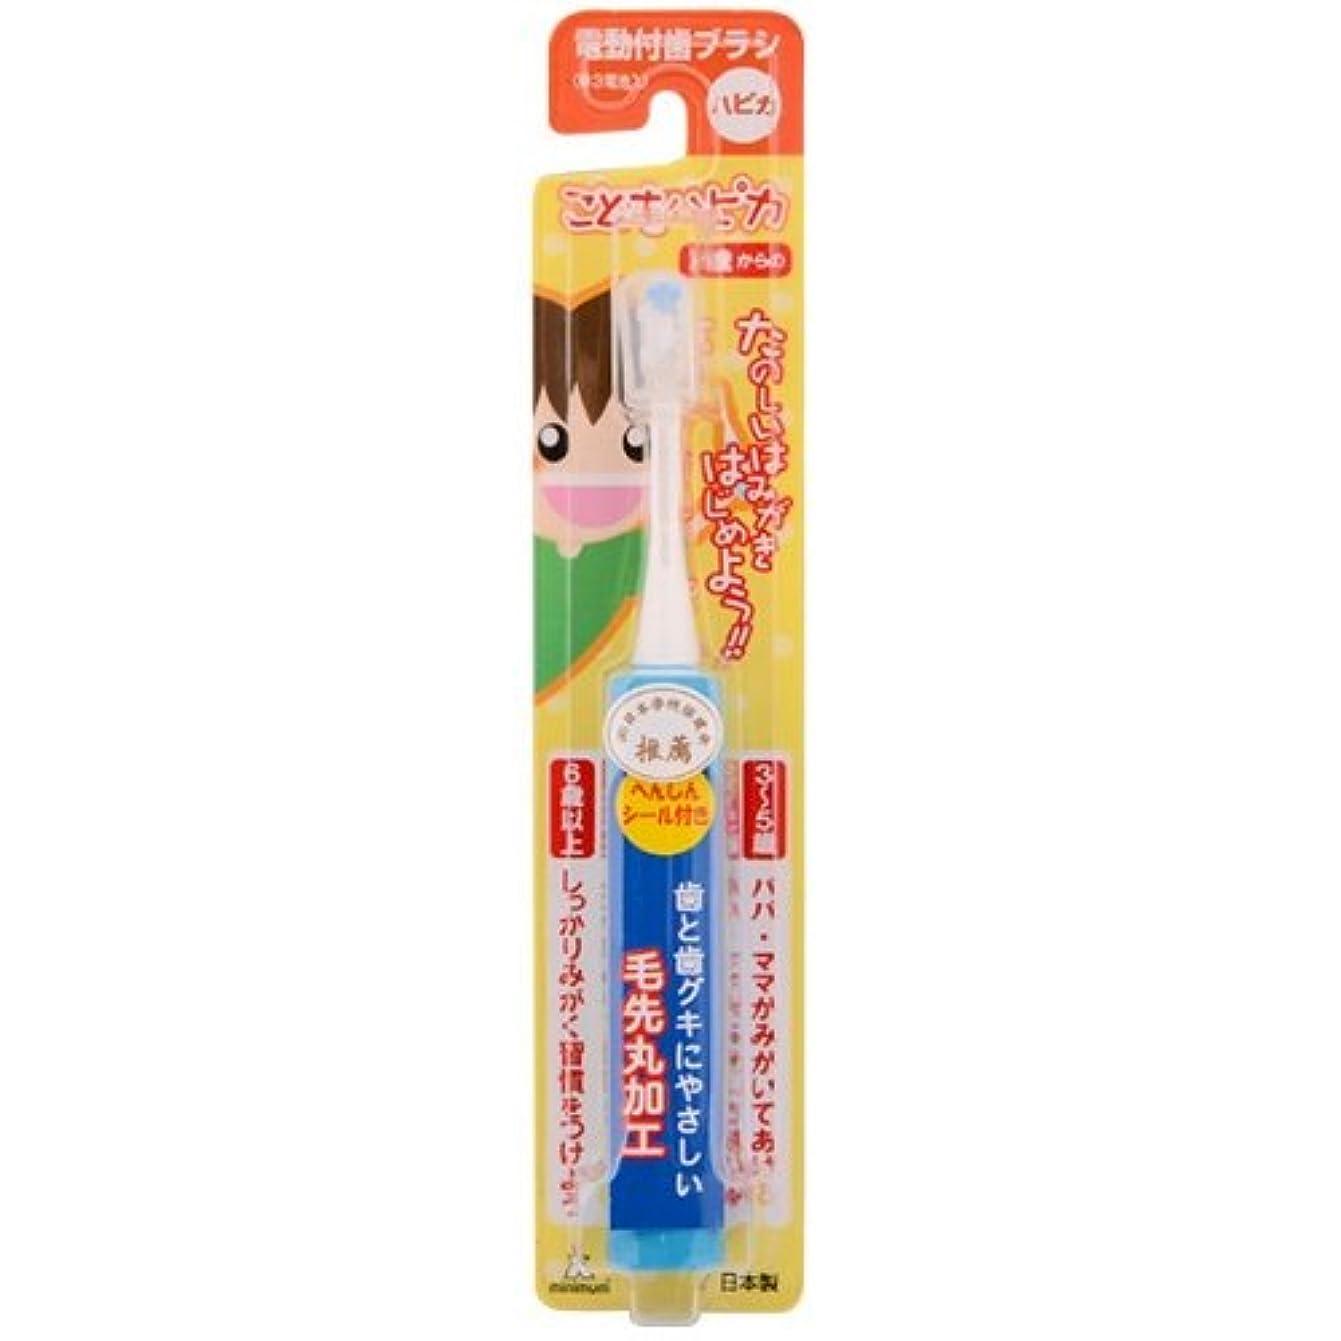 制限されたイーウェル休憩ミニマム 電動付歯ブラシ こどもハピカ ブルー 毛の硬さ:やわらかめ DBK-1B(BP)